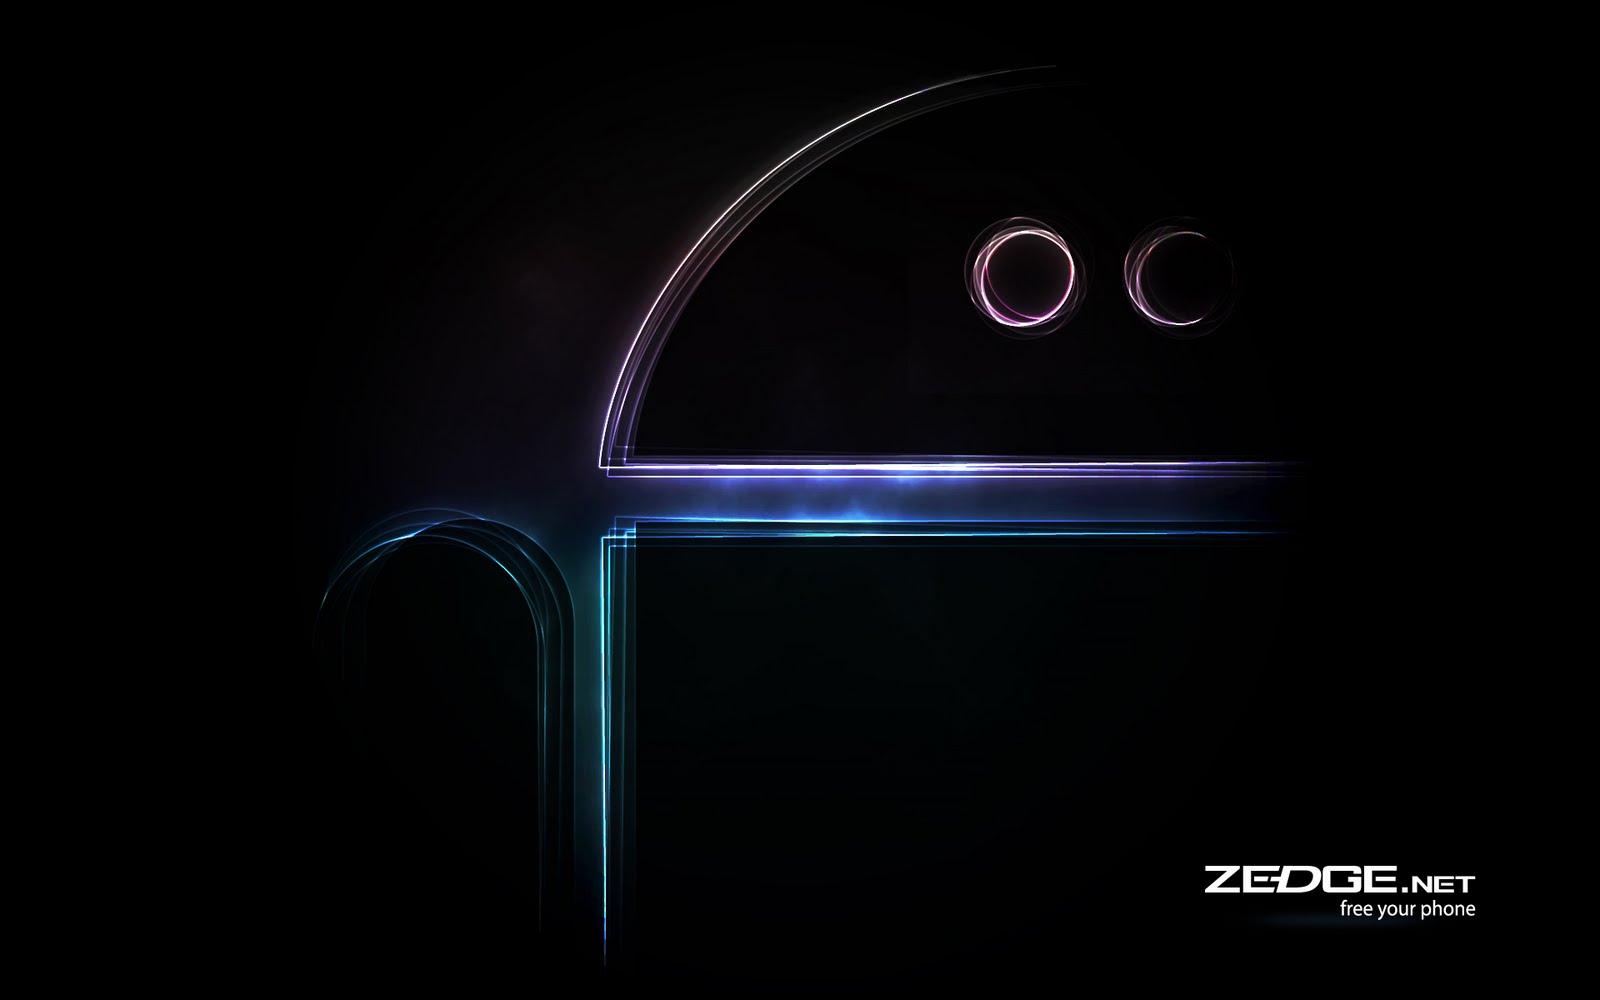 Download 930+ Background Hd Zedge Gratis